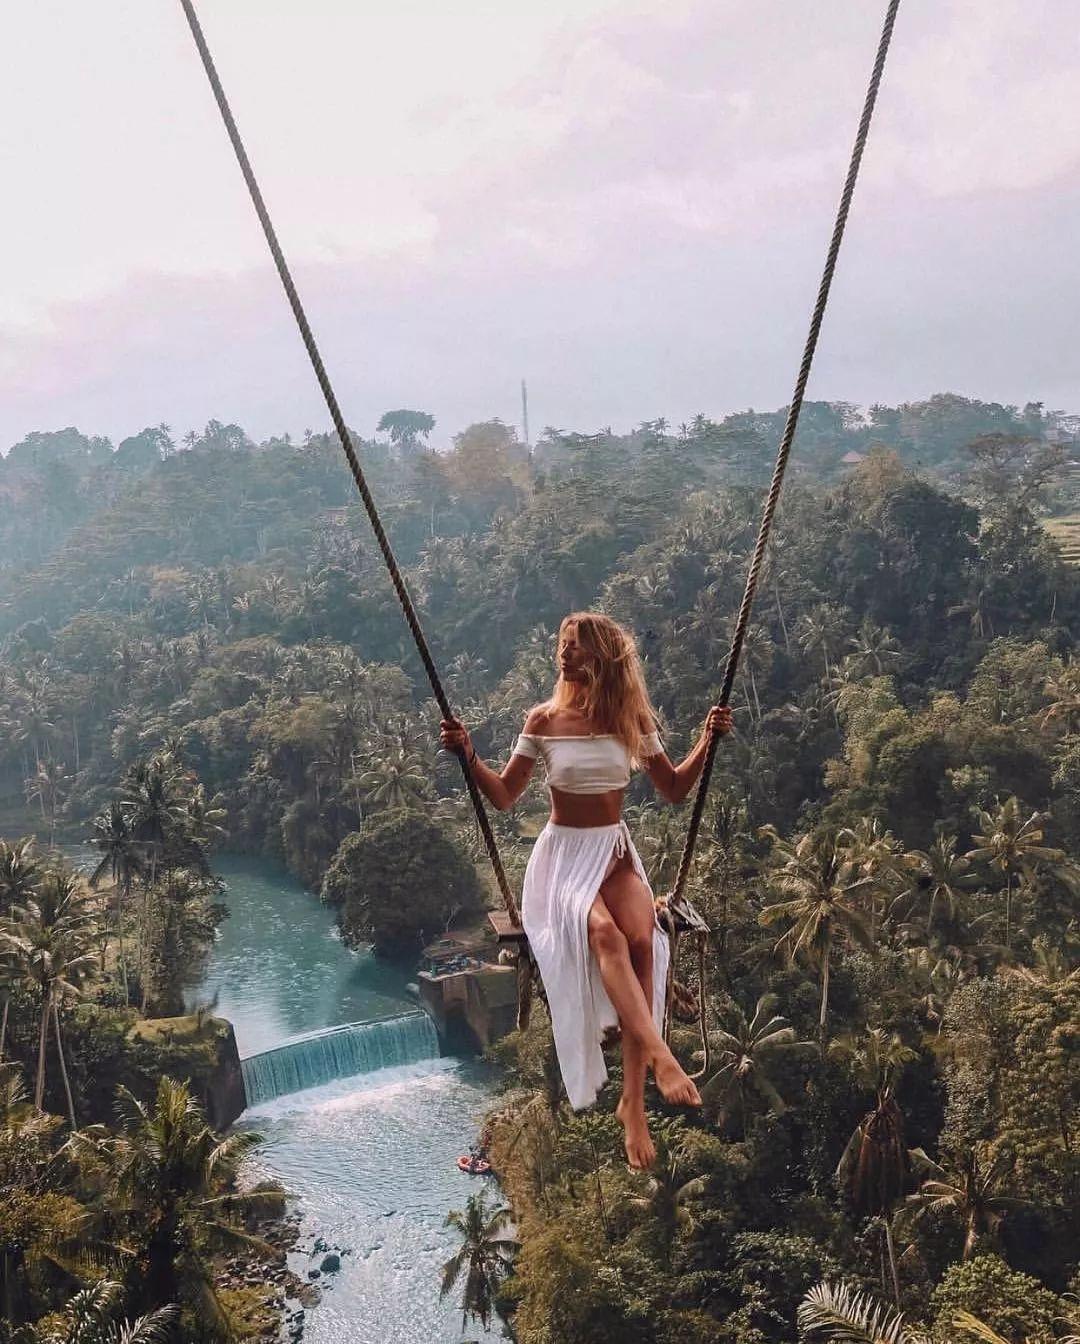 巴厘岛 bali swing 网红秋千